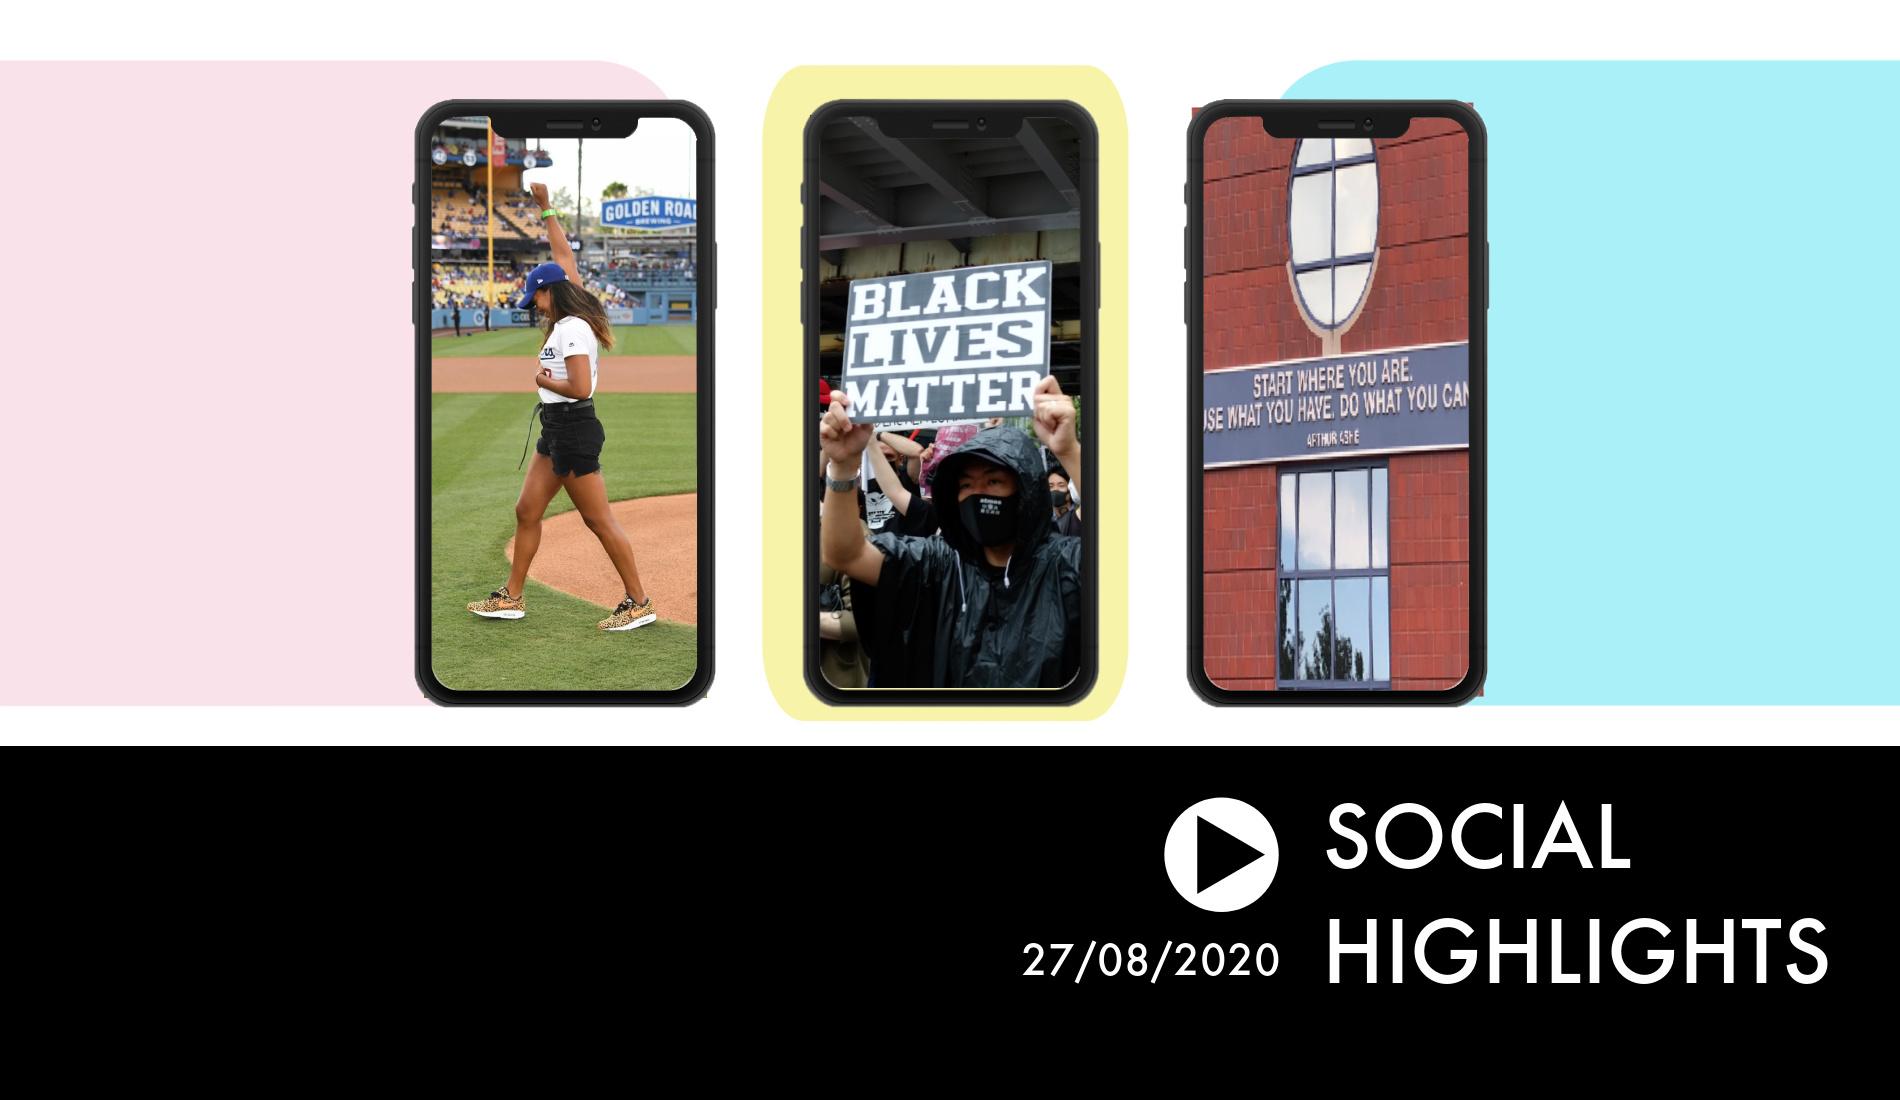 Social Highlights 27.08.2020